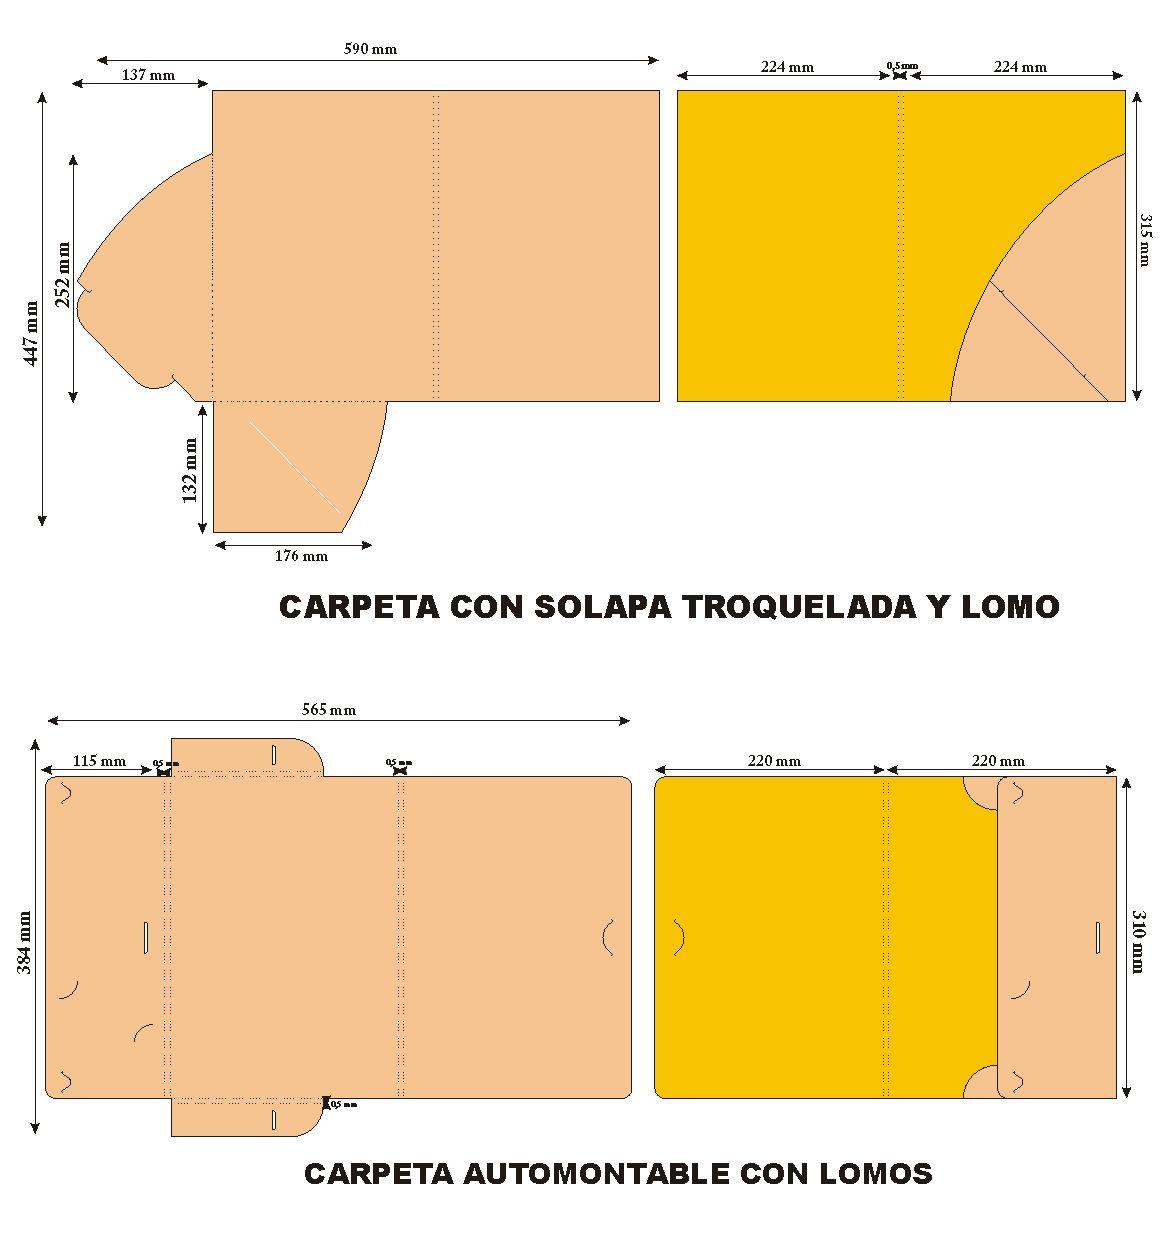 Troquel Carpeta Google Search Carpeta De Presentación Carpetas Corporativas Carpeta